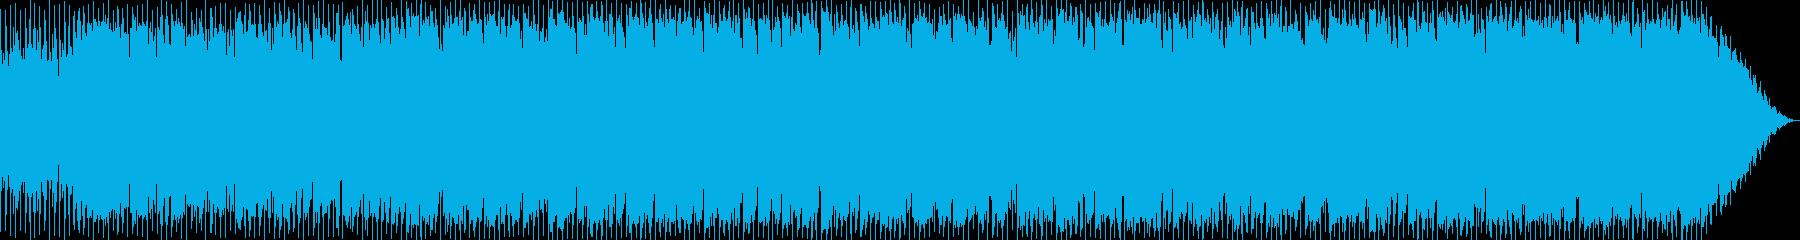 カントリーミュージック的な素朴な1曲の再生済みの波形